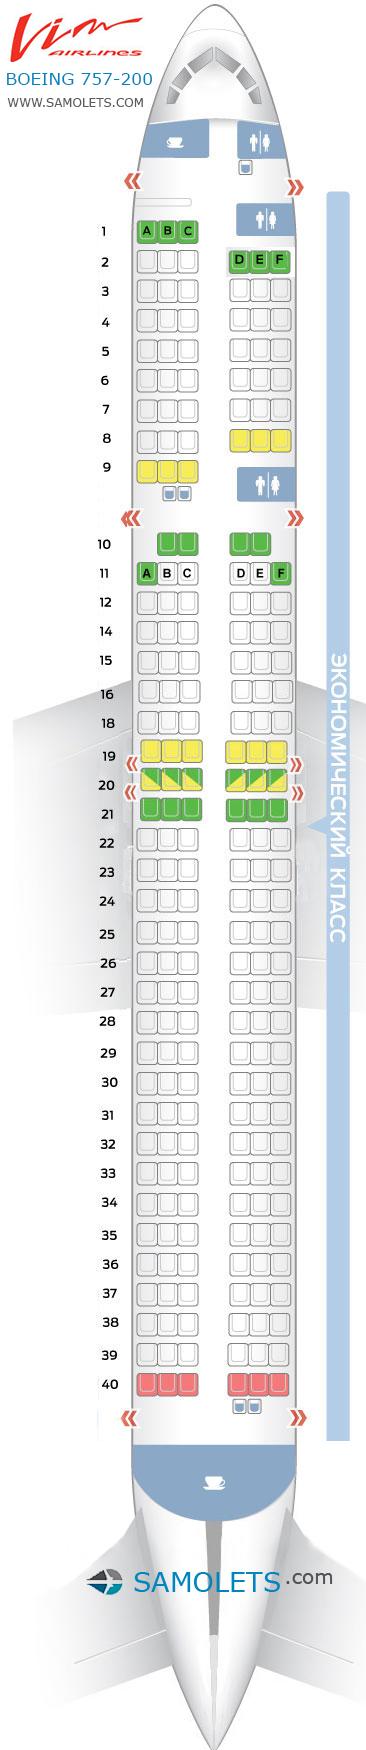 Вим авиа 757 схема мест